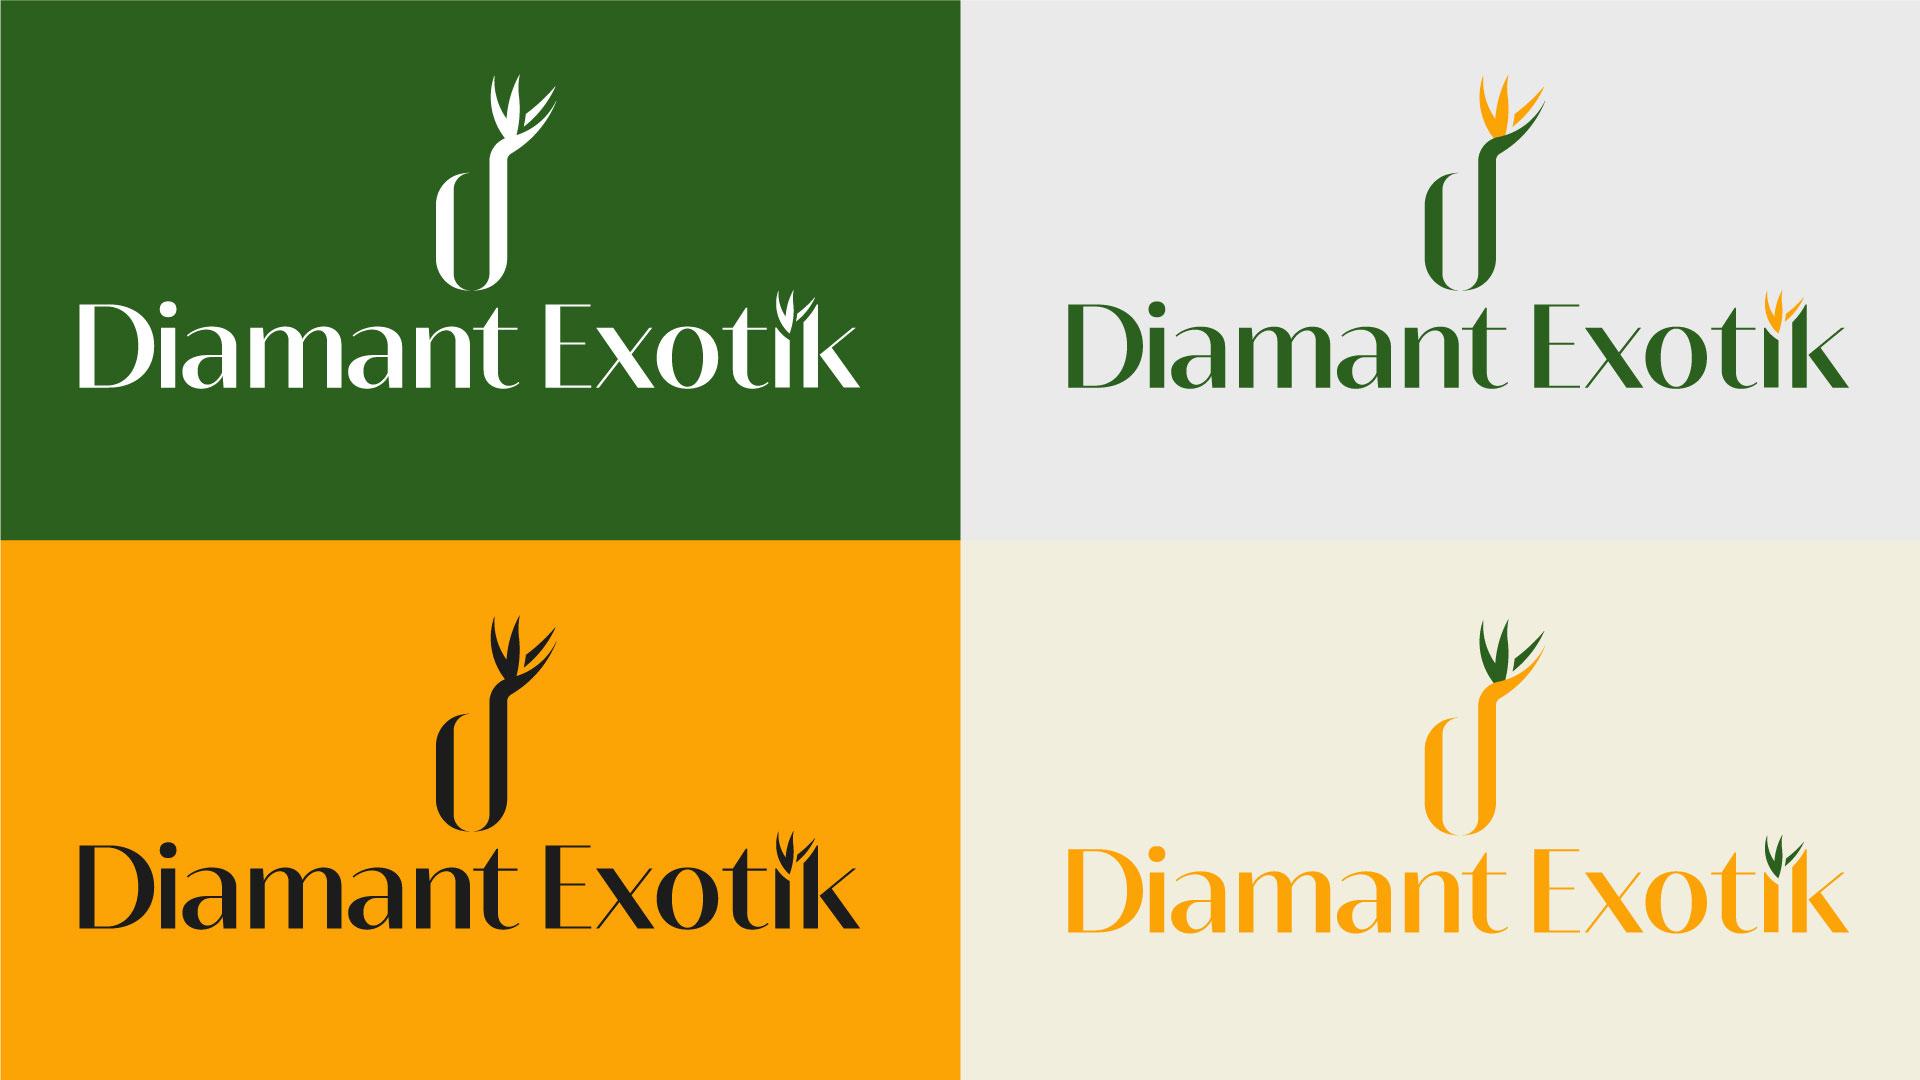 diamant_exotik_logo_declinaison